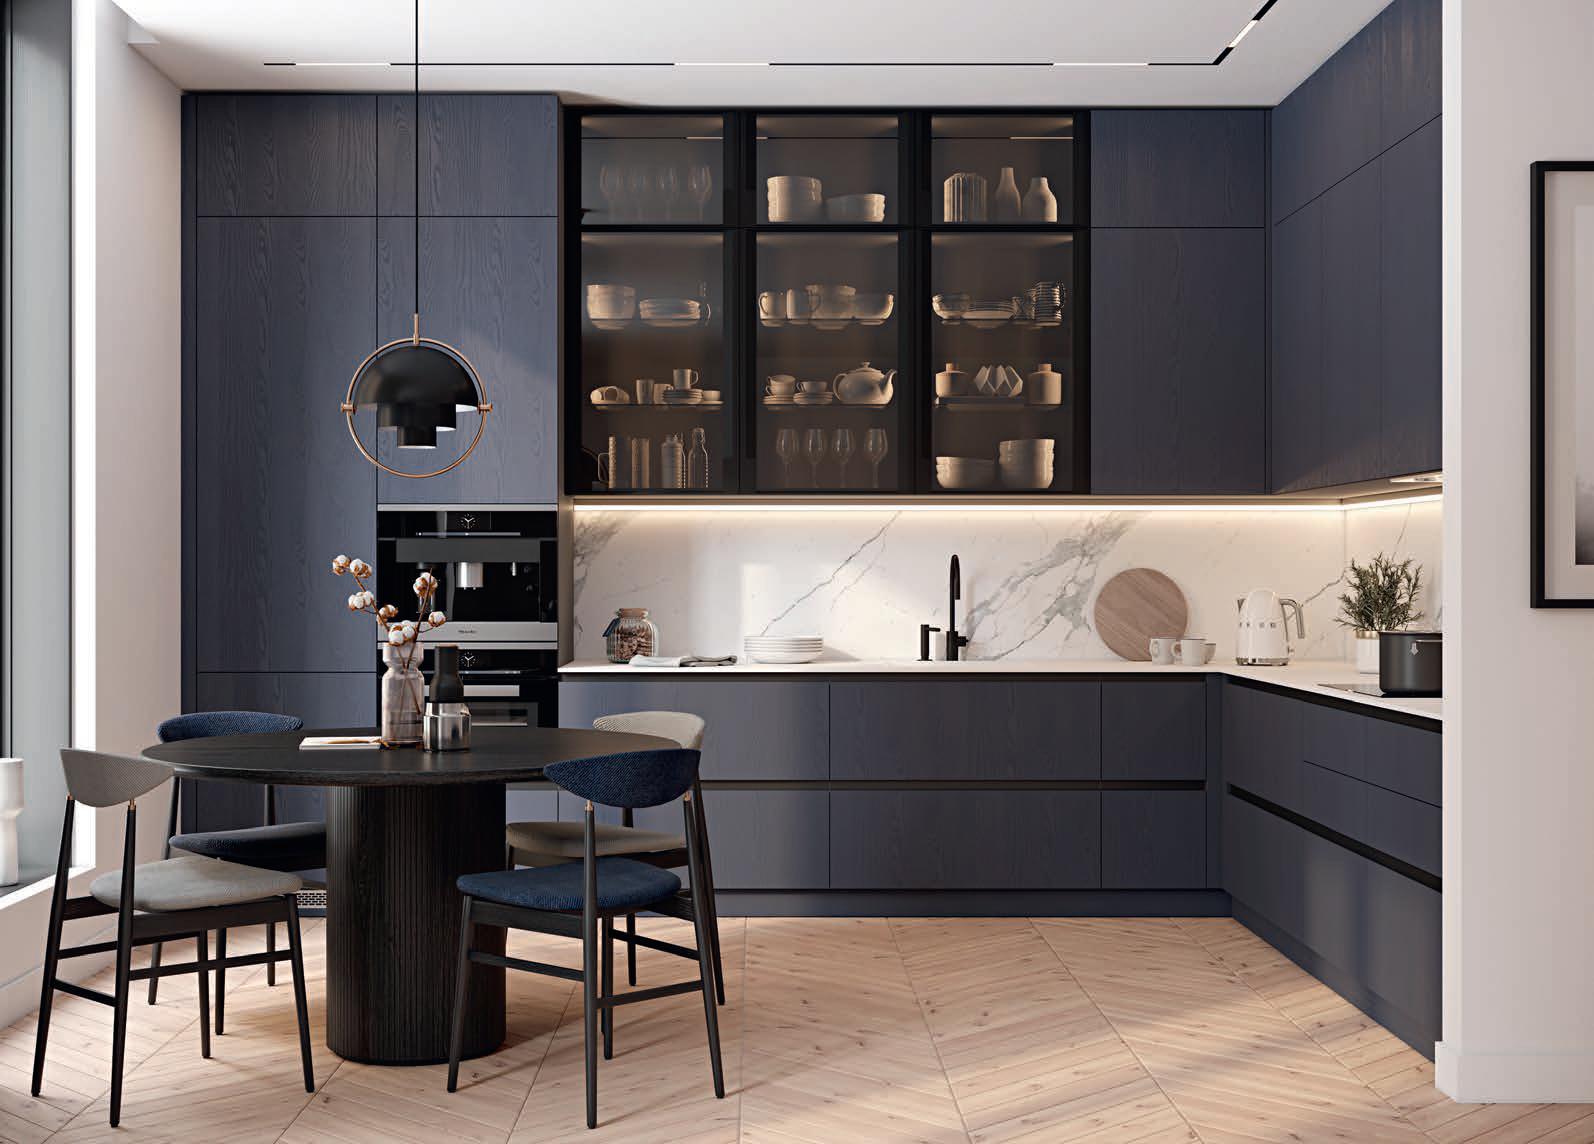 Locarno Kitchen Cabinets Kitchen Home Decor